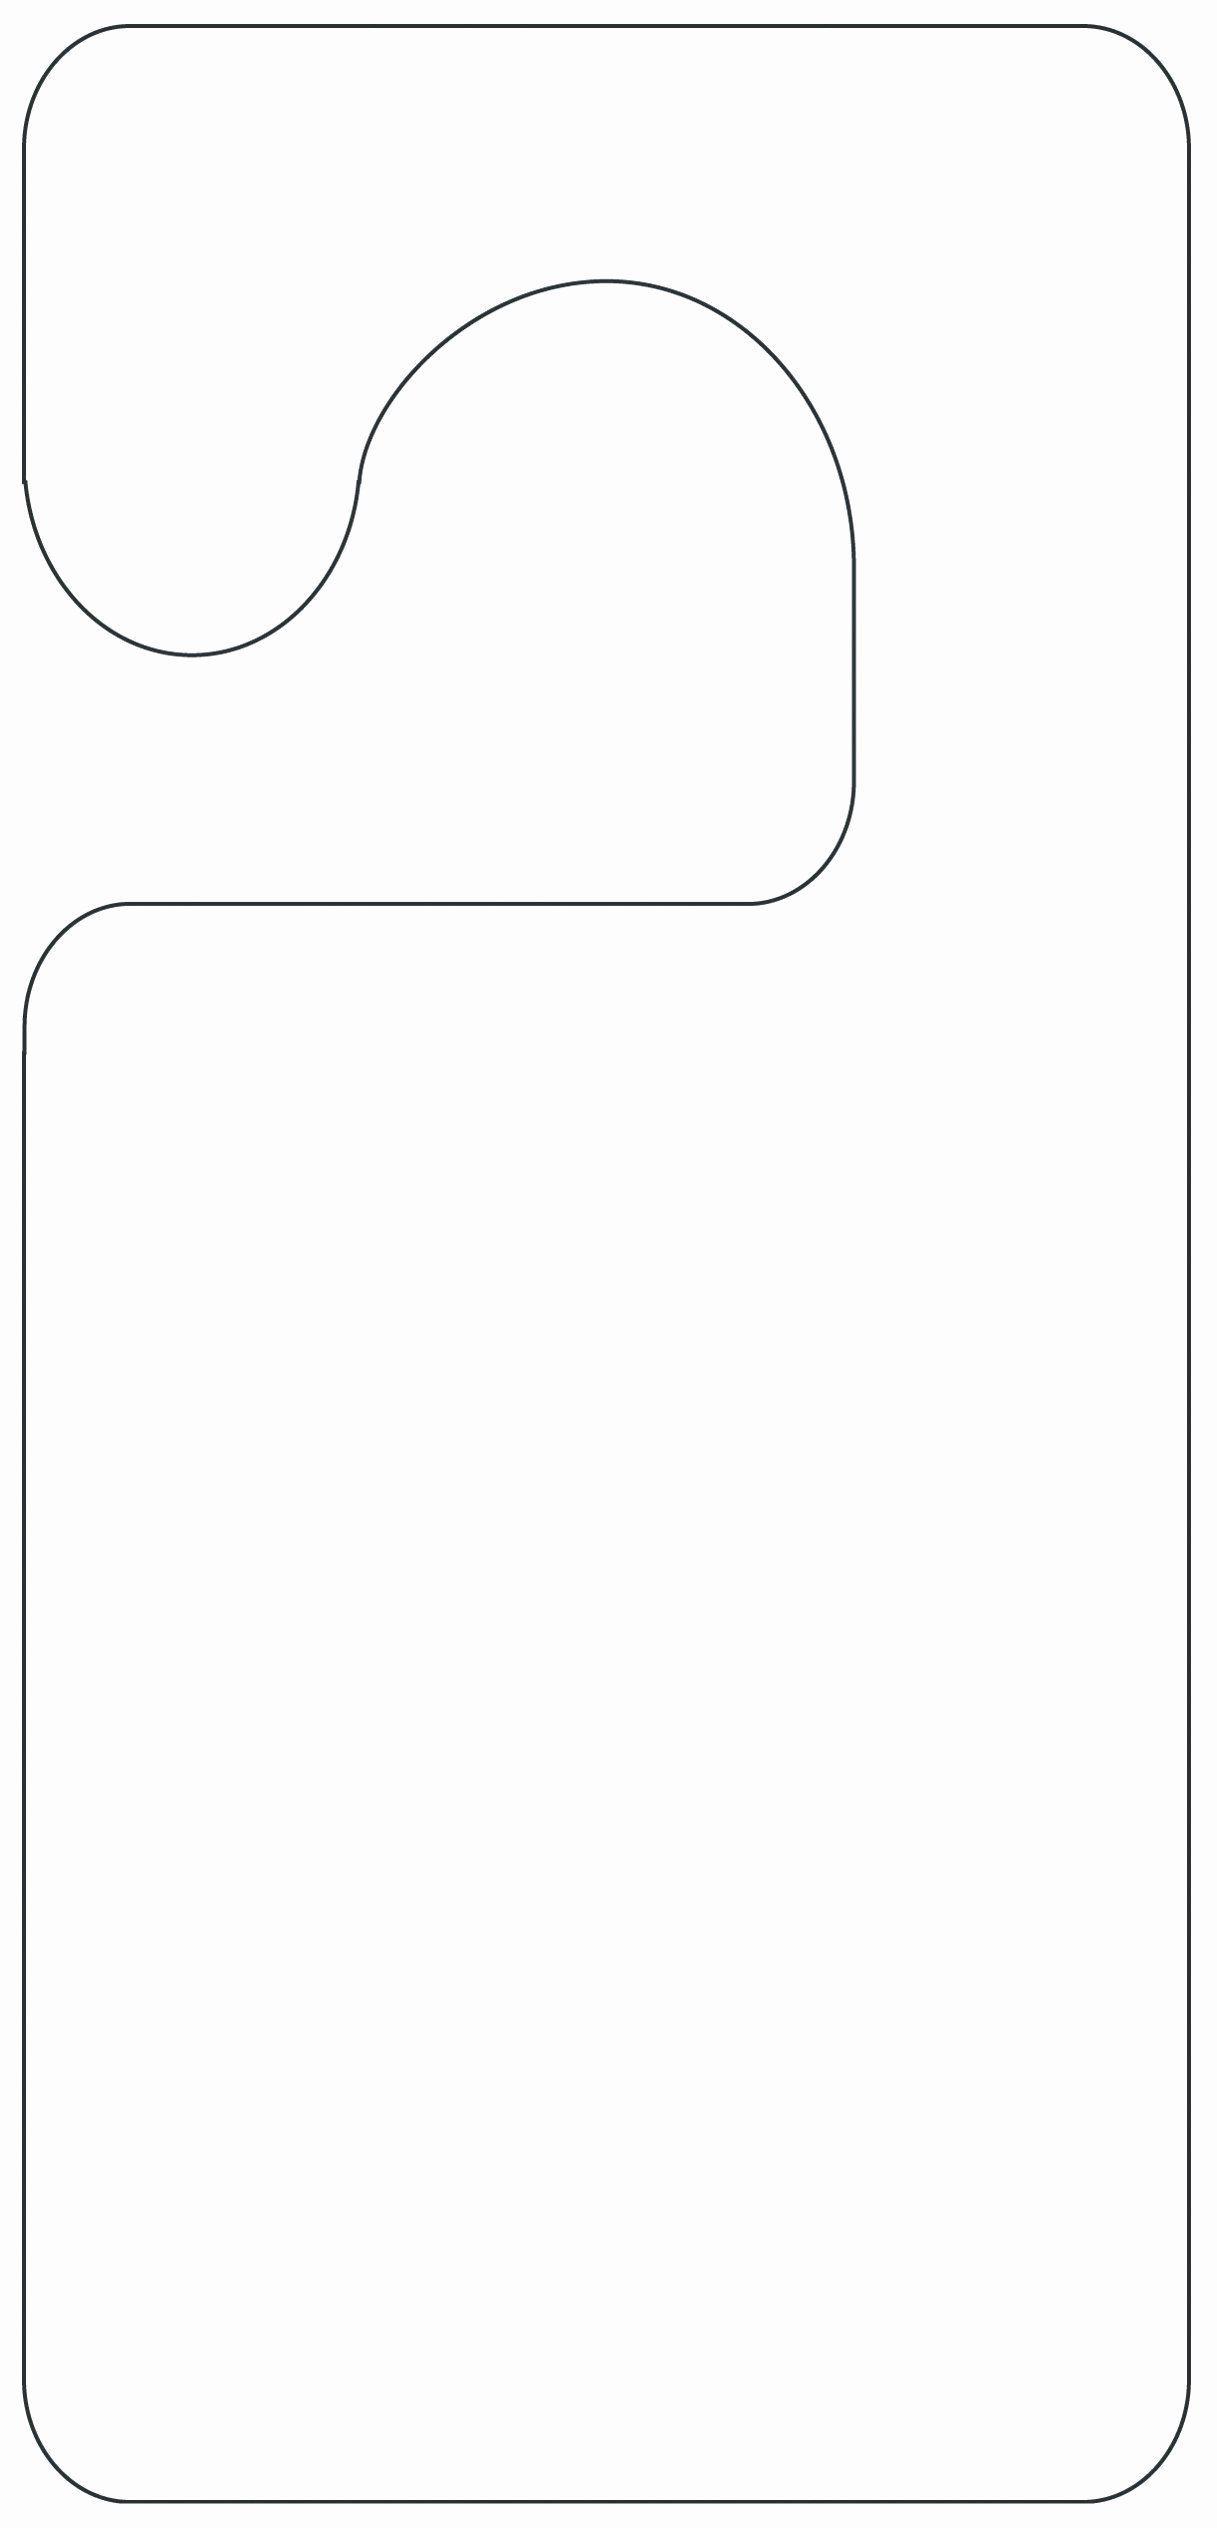 002 Wondrou Free Printable Template For Door Hanger Sample Full